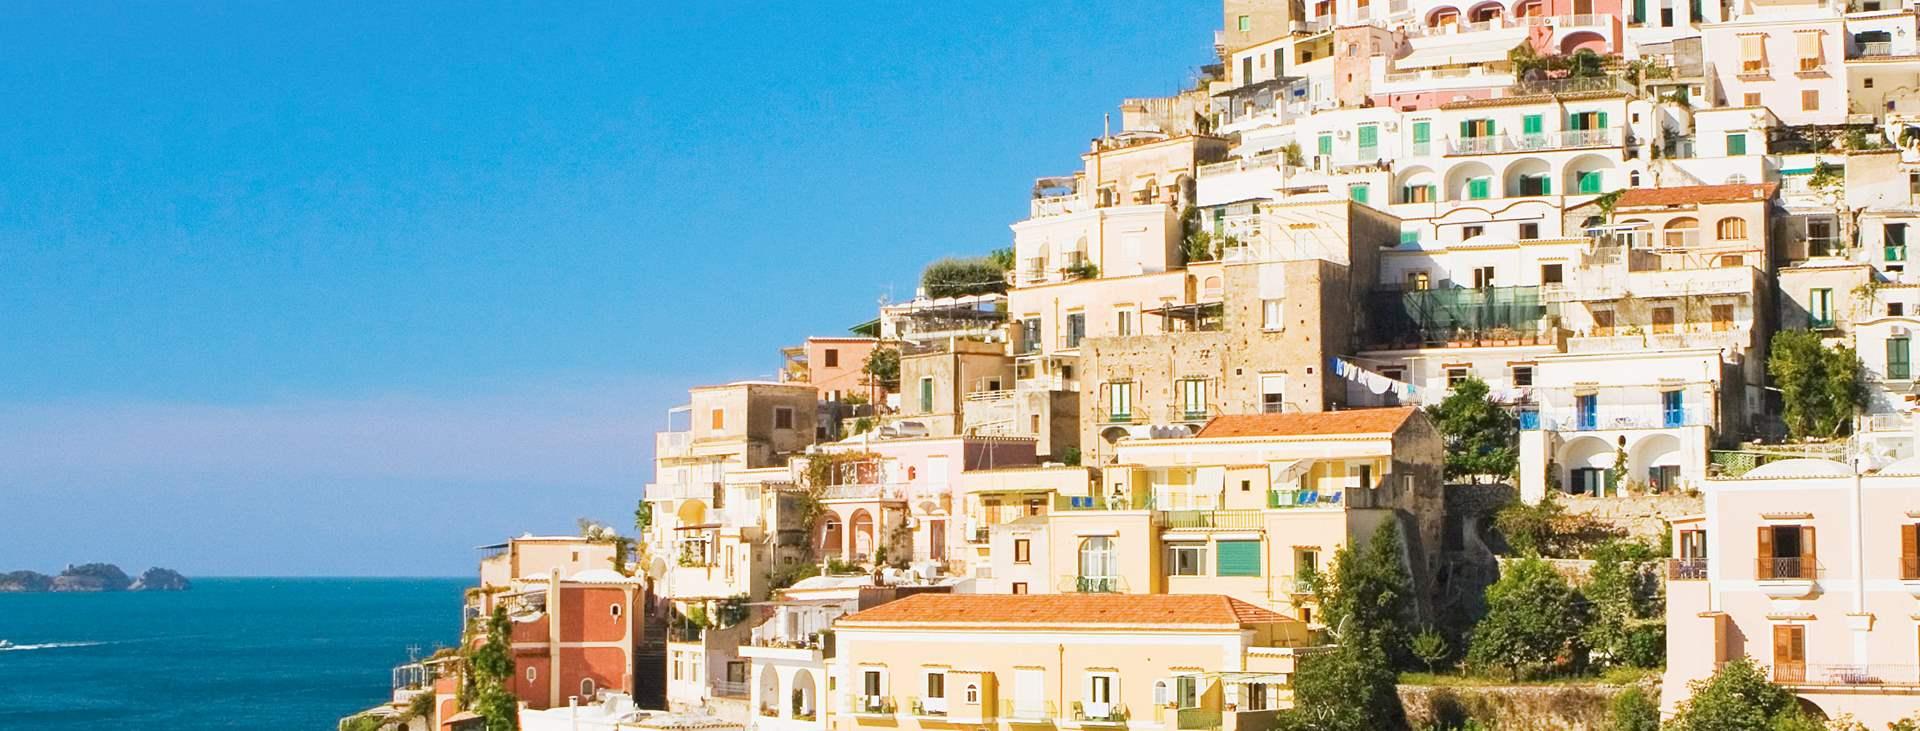 Boka din resa till Amalfikusten i Italien med Ving